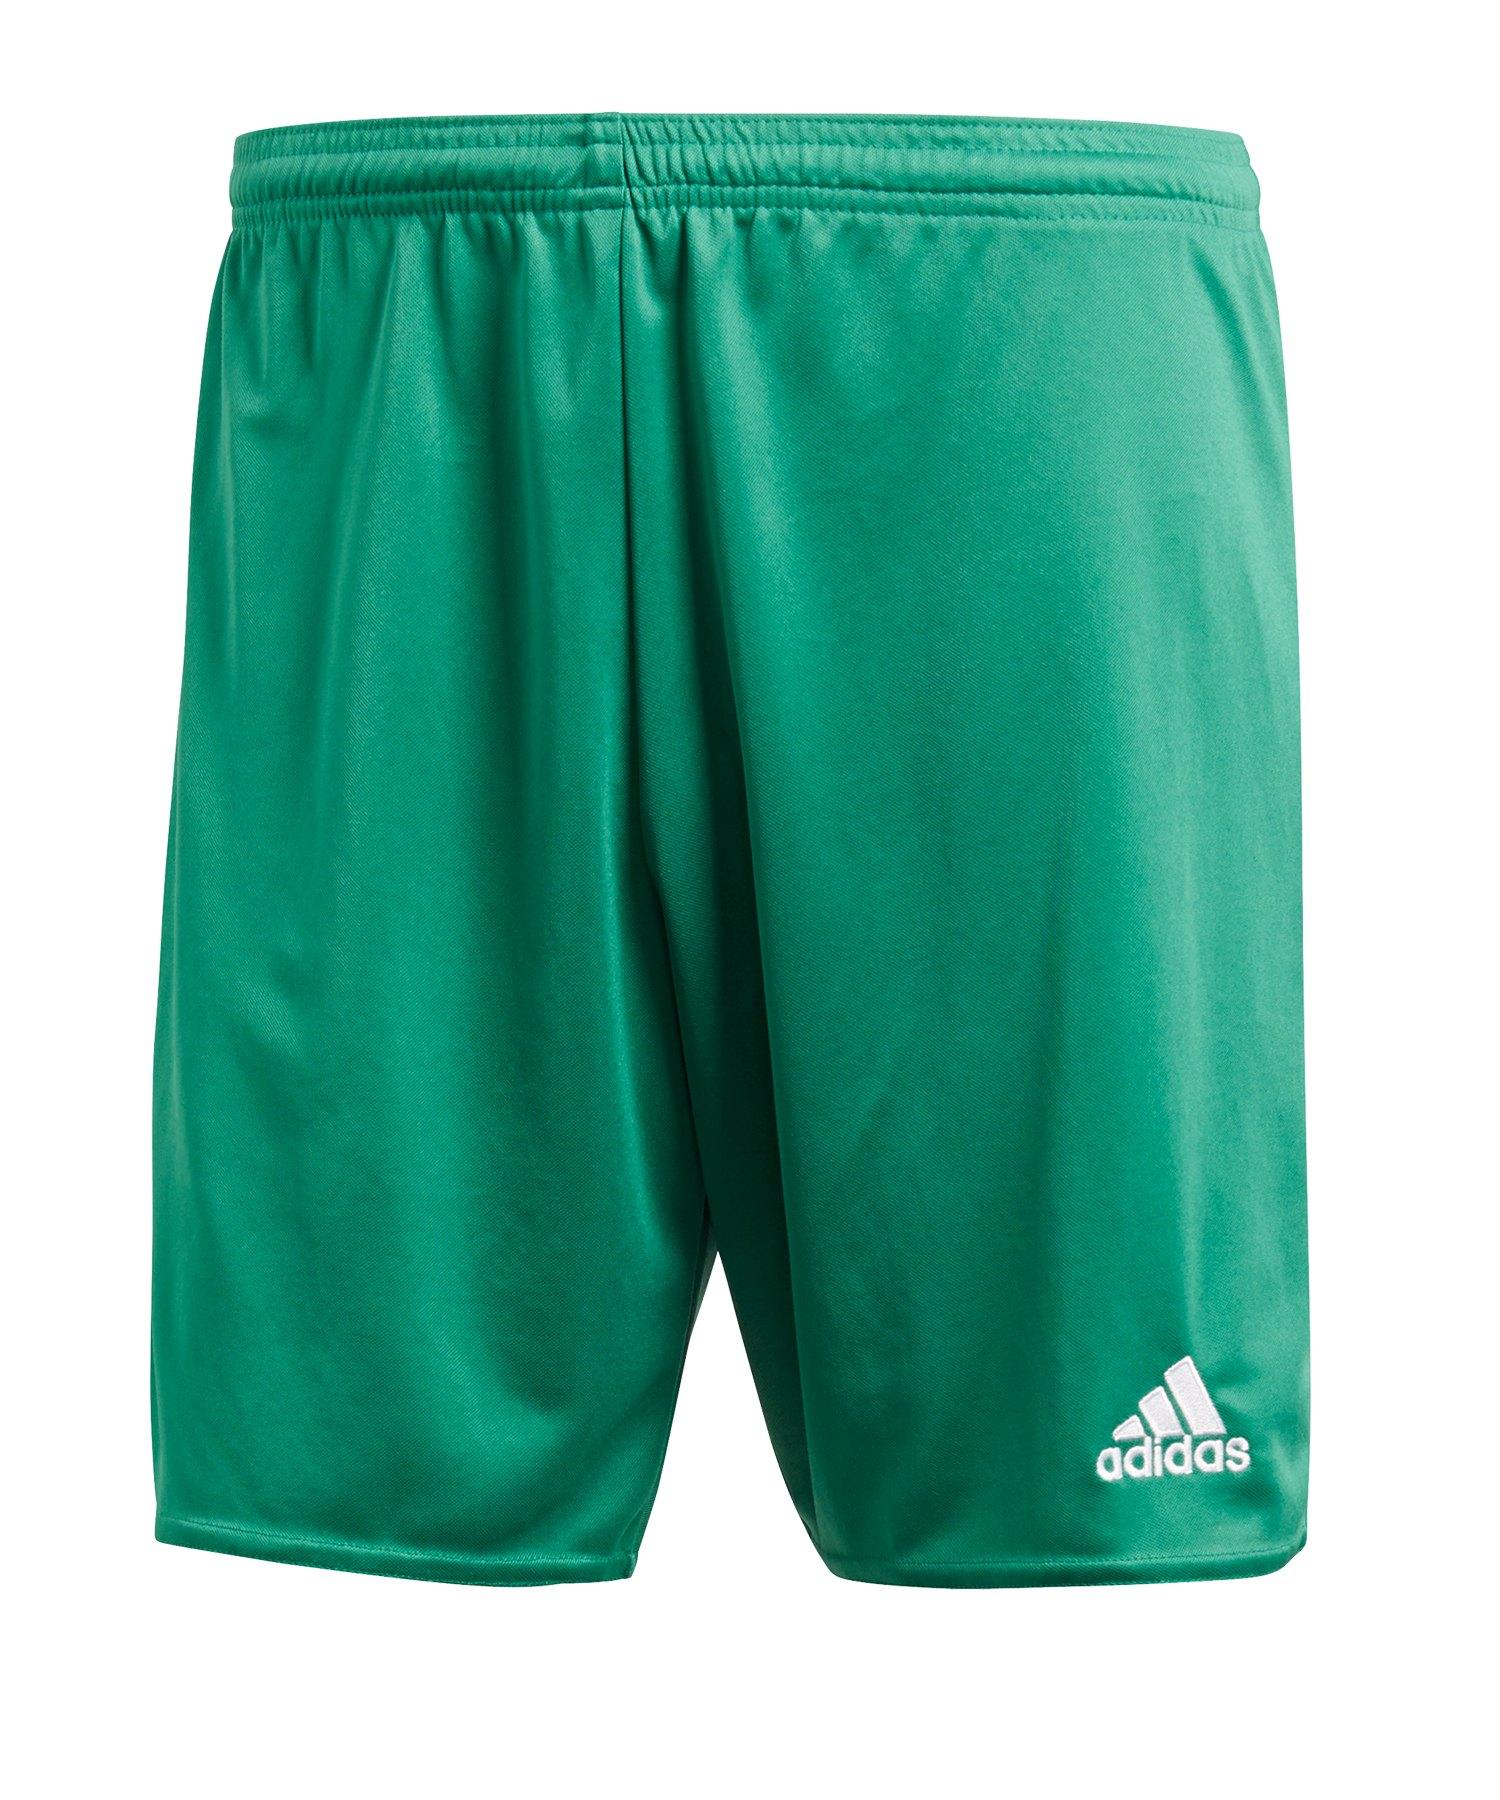 adidas Short ohne Innenslip Parma 16 Grün - gruen